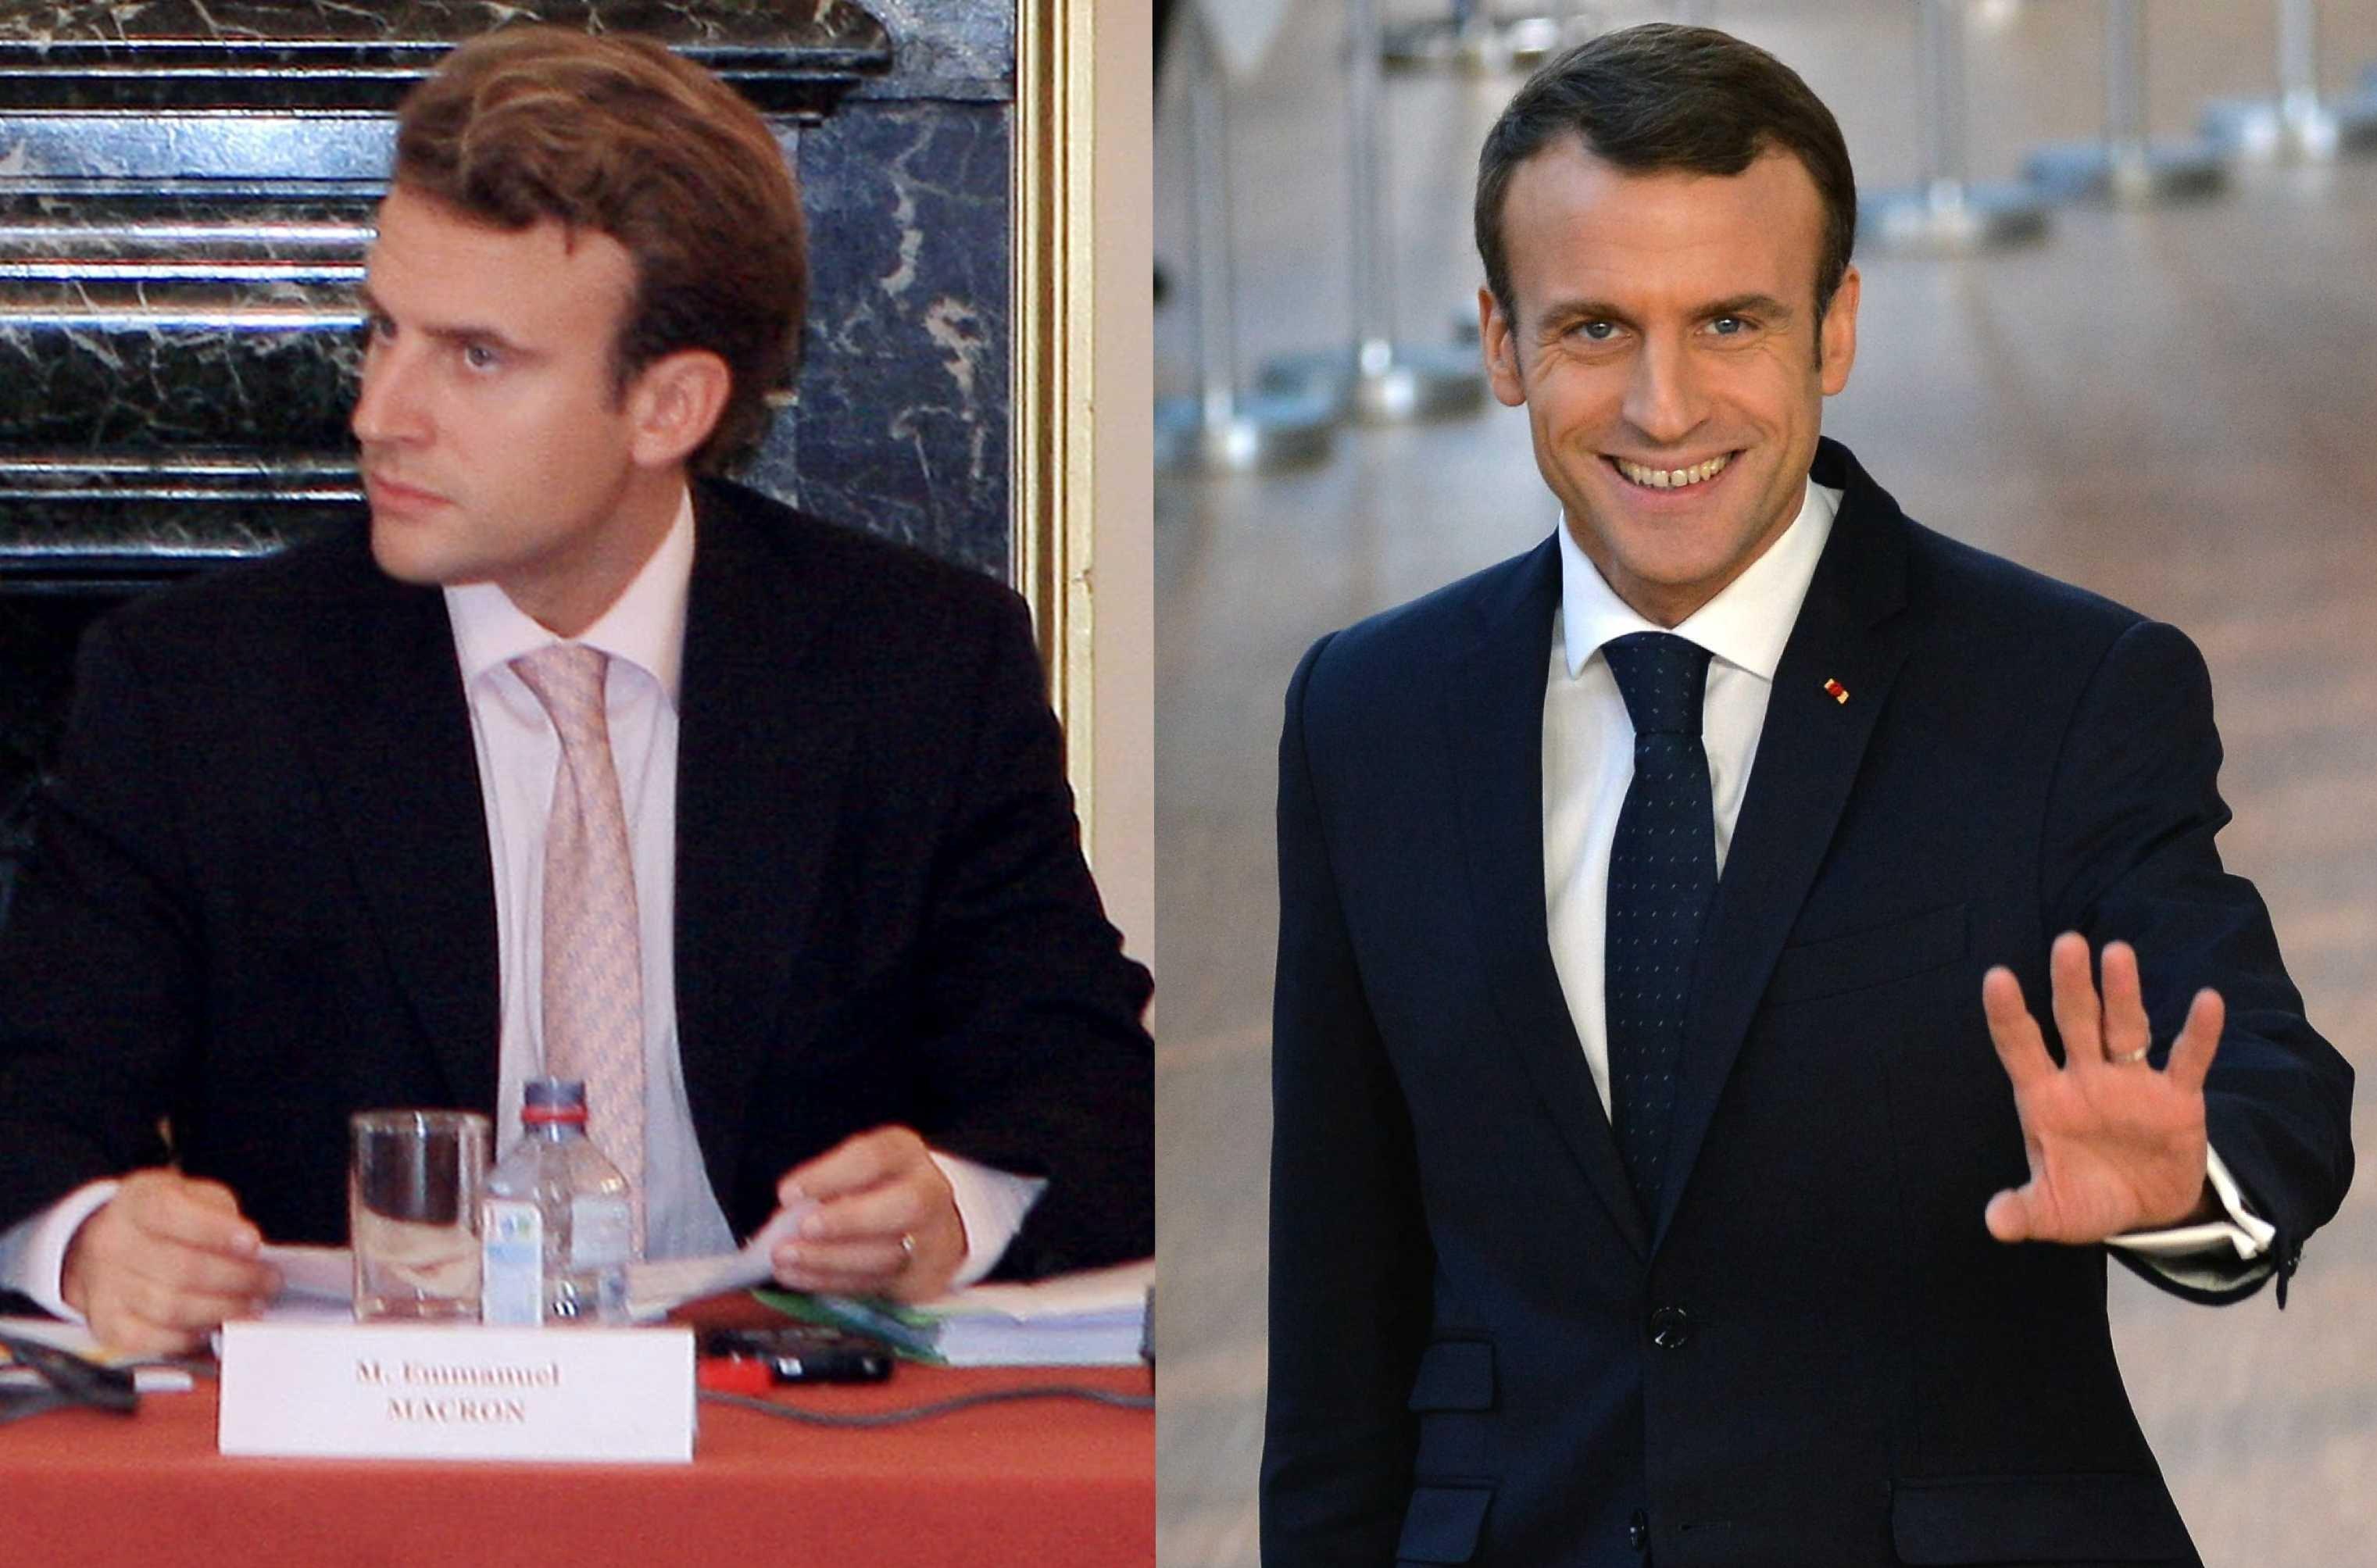 El actual mandatario francés, Emmanuel Macron, en el 2007 / 2018